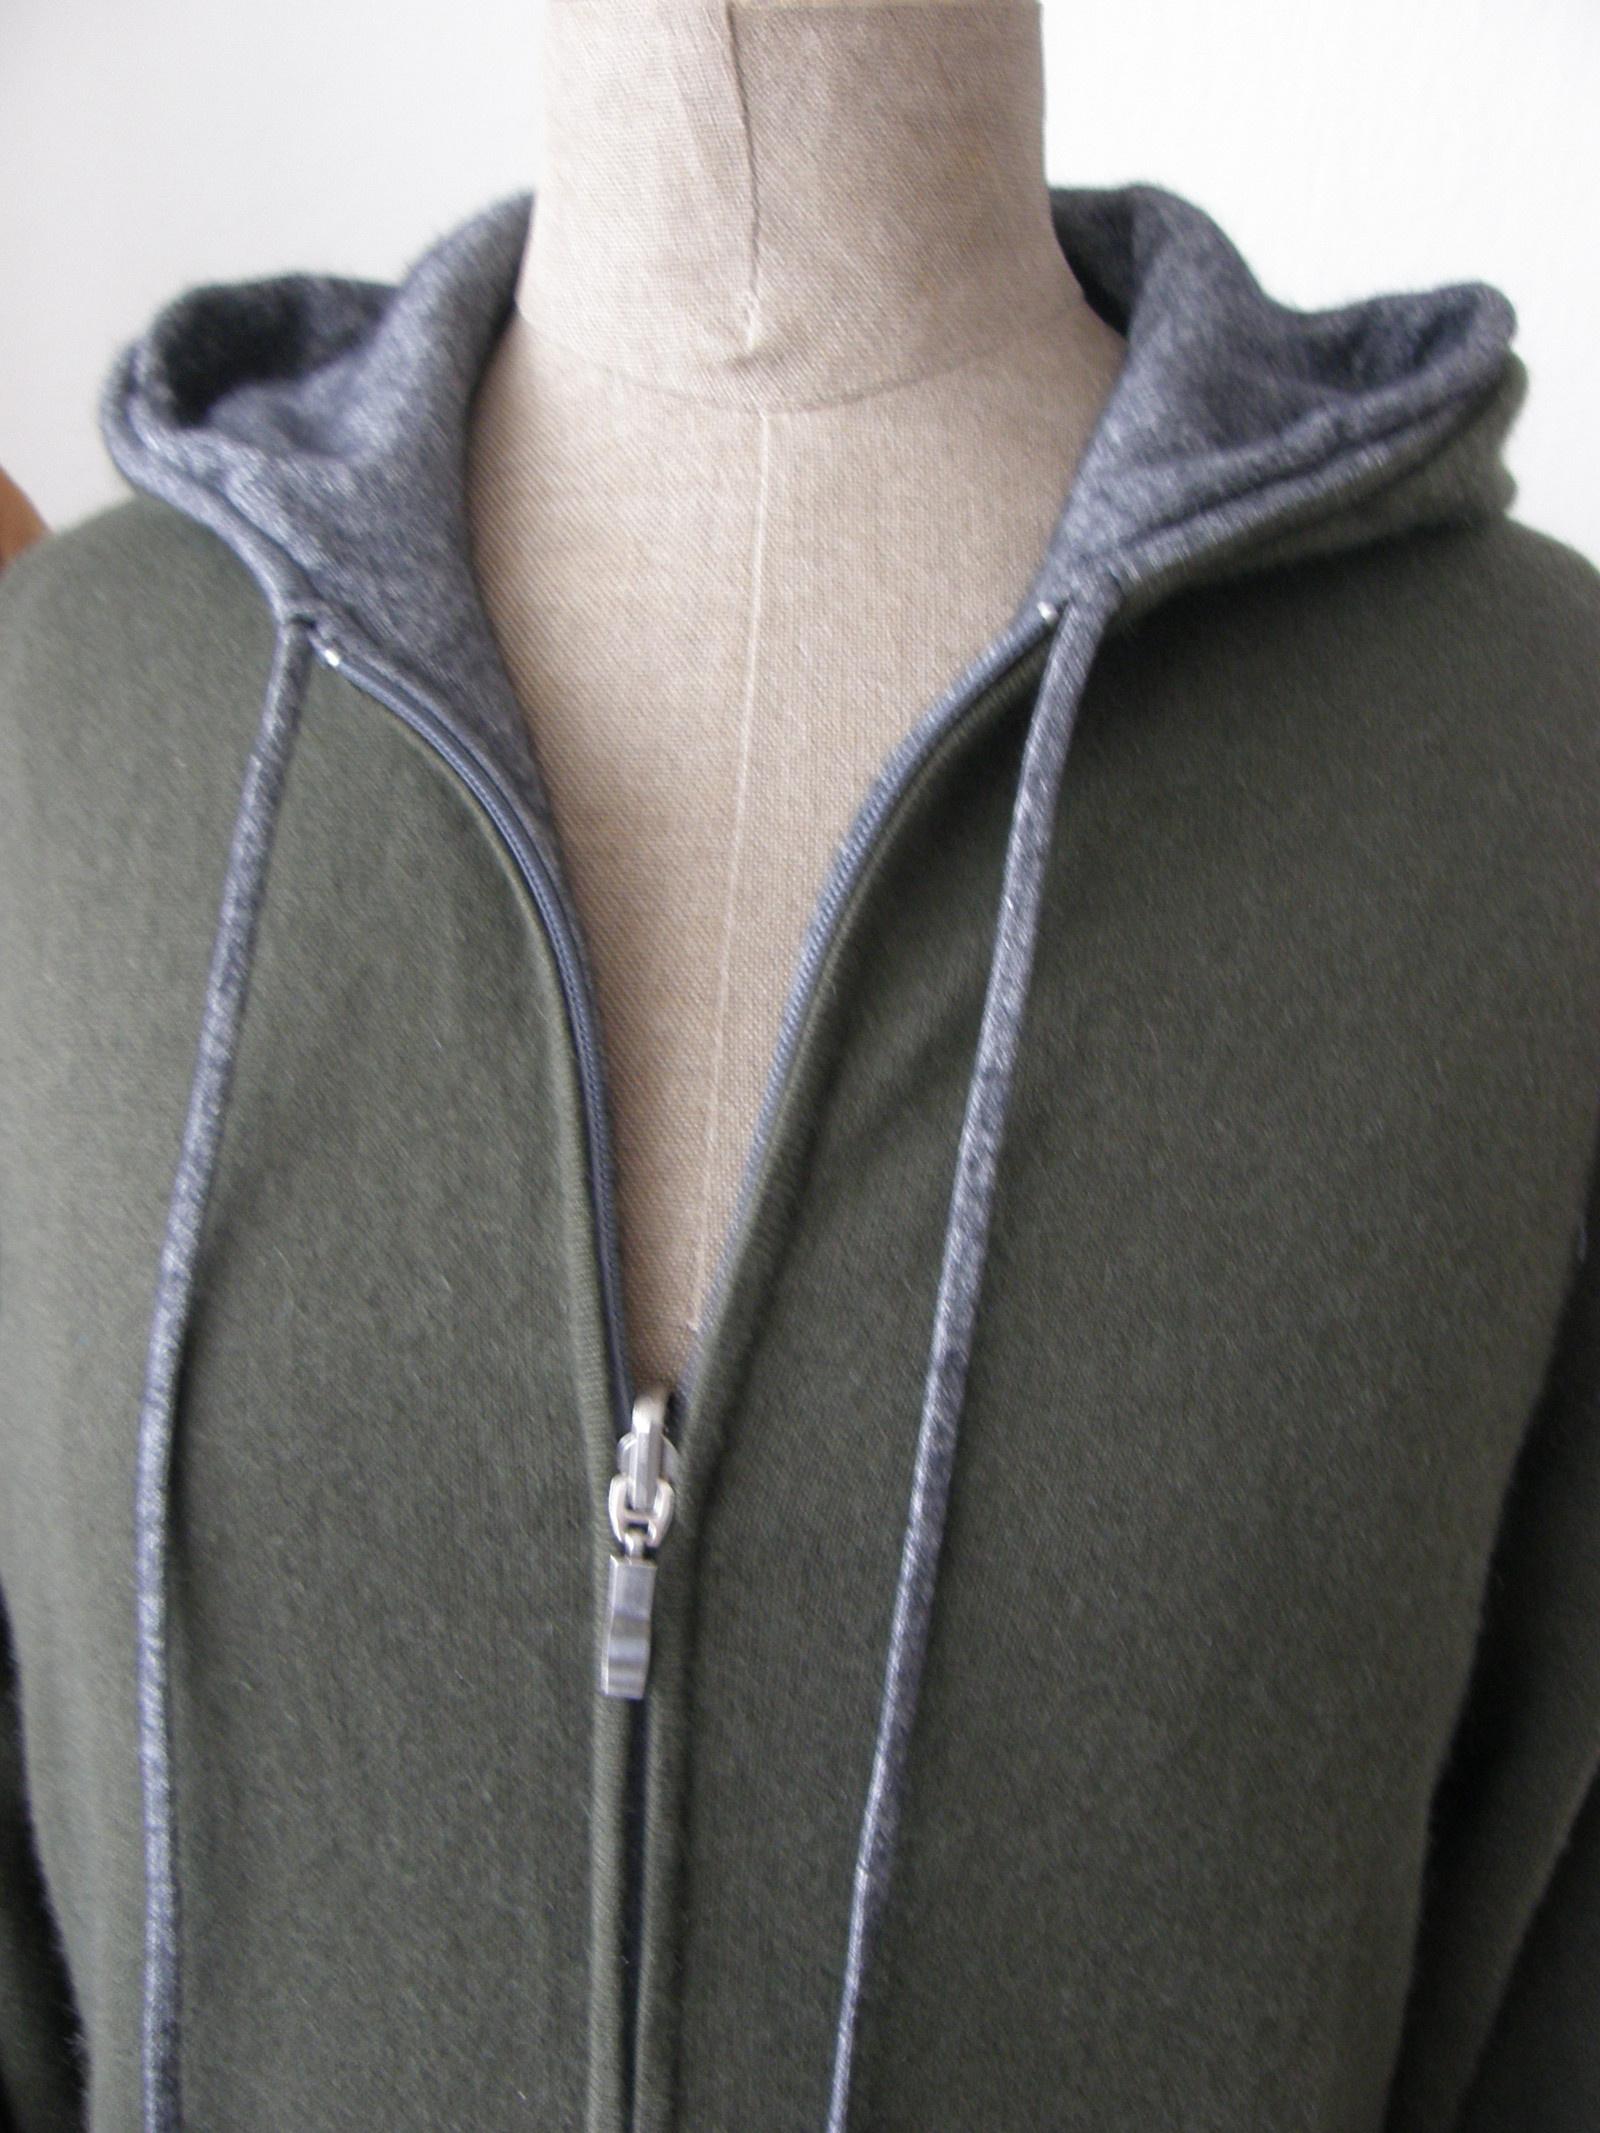 oboustranný svetr kašmír a hedvábí - rezervace   Zboží prodejce ... e521e2d27d